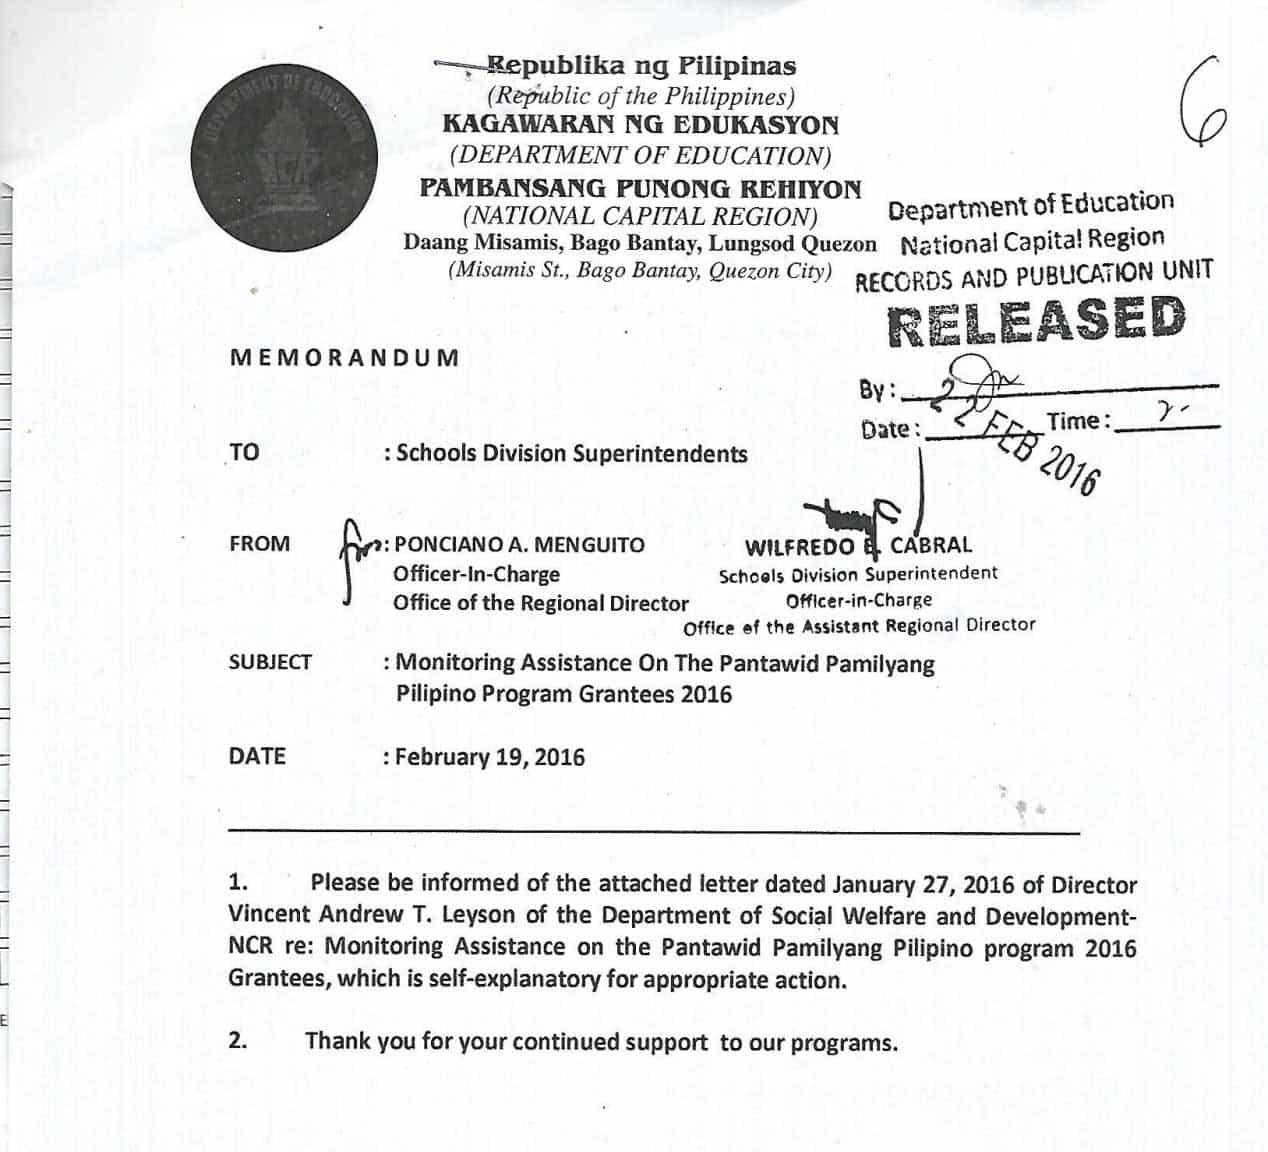 pantawid pamilyang pilipino program thesis Pantawid pamilyang pilipino program - dimasalang 764 likes 35 talking about this showcasing the implementation of pantawid pamilyang pilipino program.